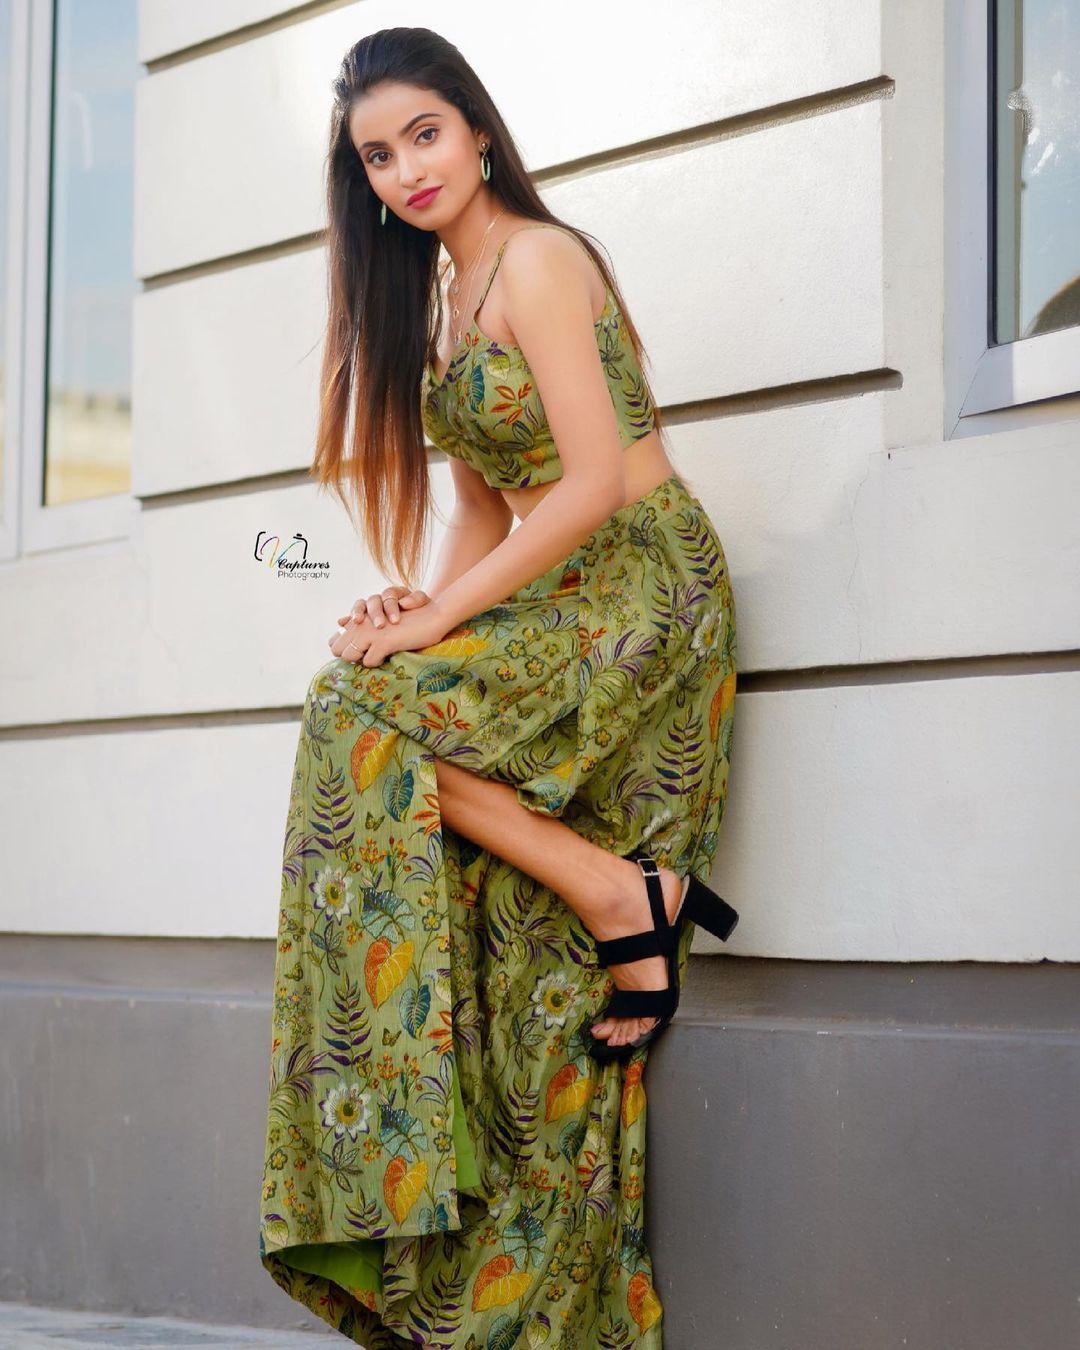 Beautiful actress Deepika Pilli in green floral slit skirt and crop top. 2021-06-18